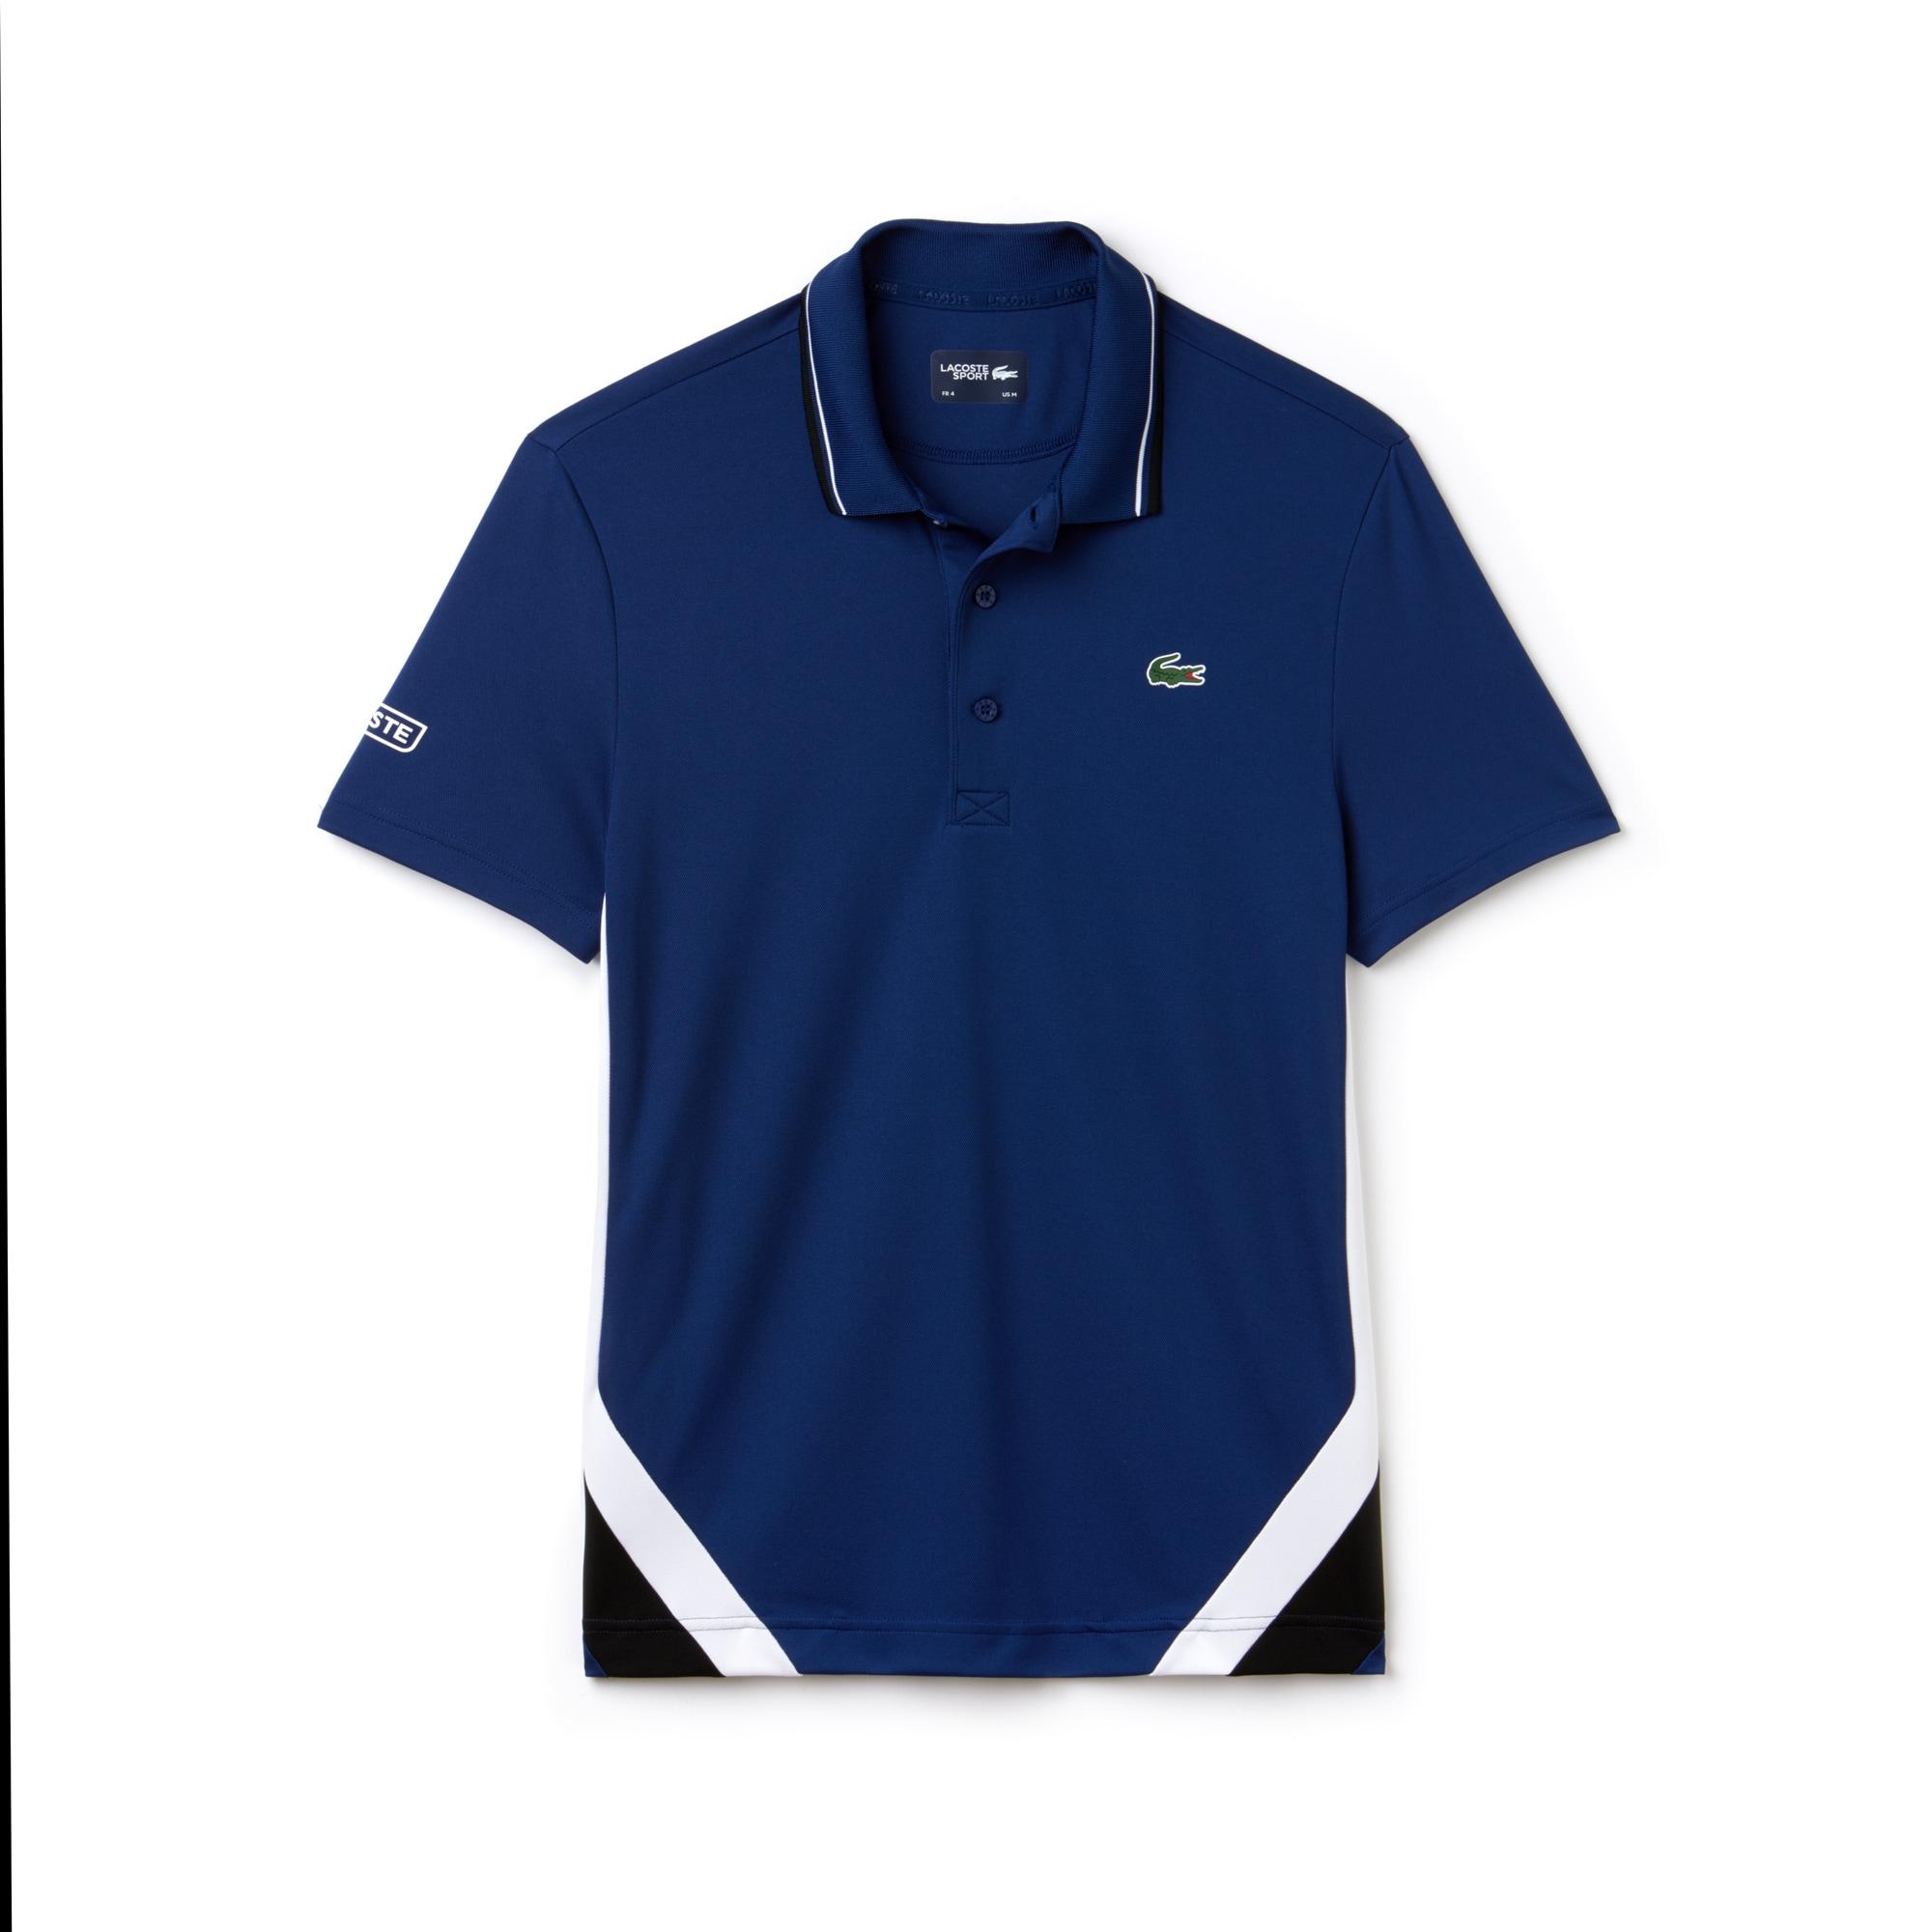 Men's Lacoste SPORT Colorblock Bands Technical Piqué Tennis Polo